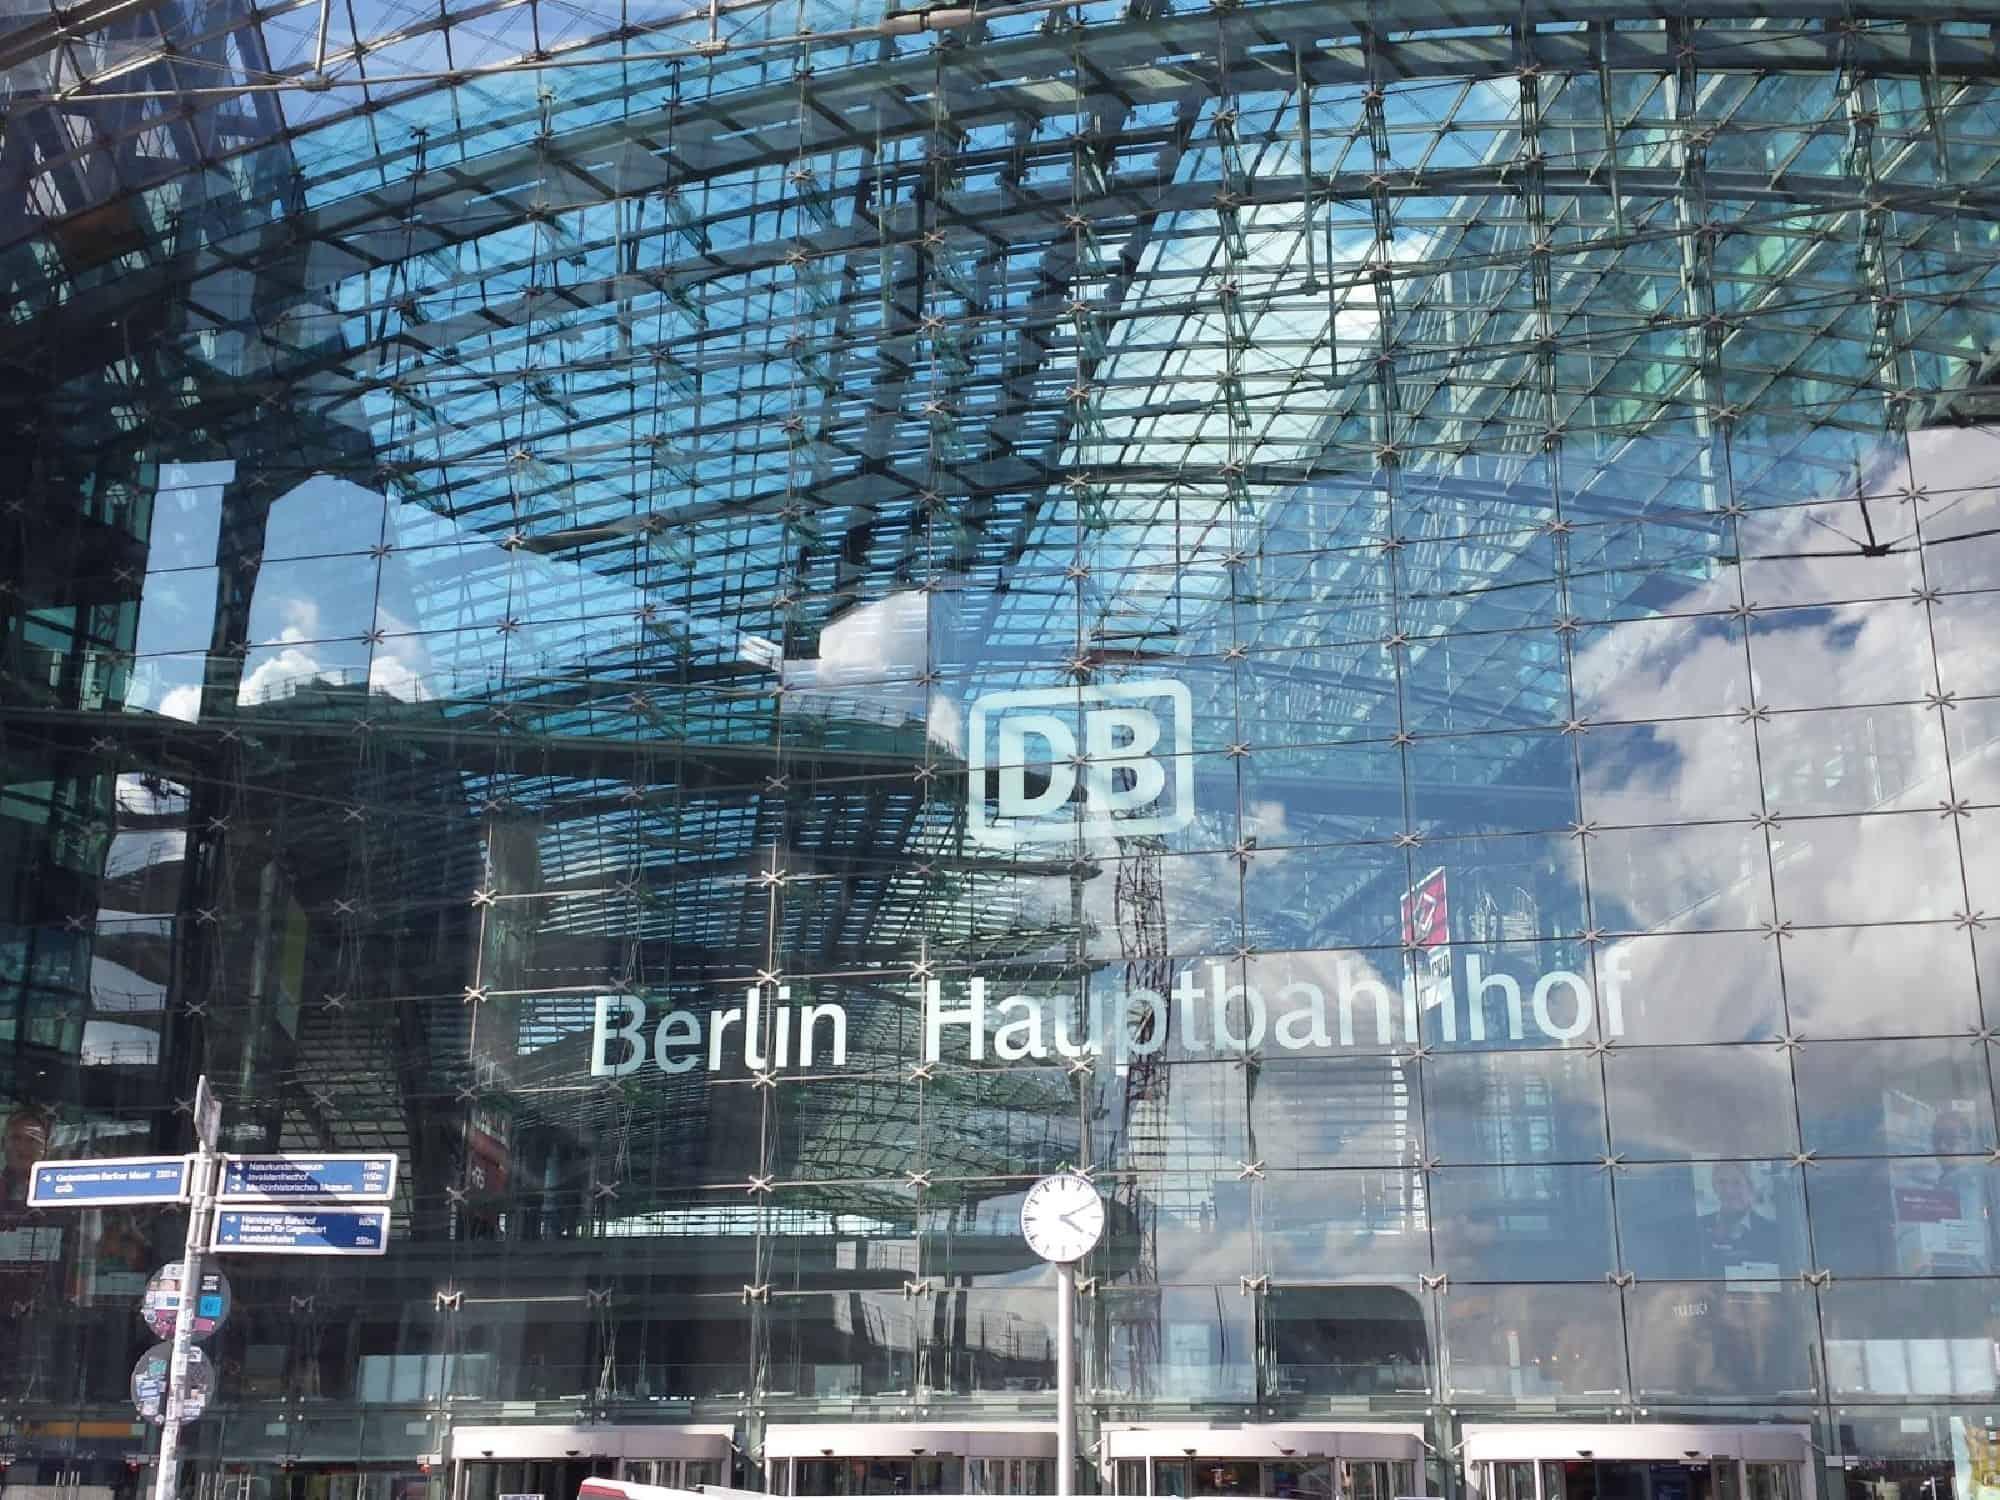 Berlijn Haubtbahnhof